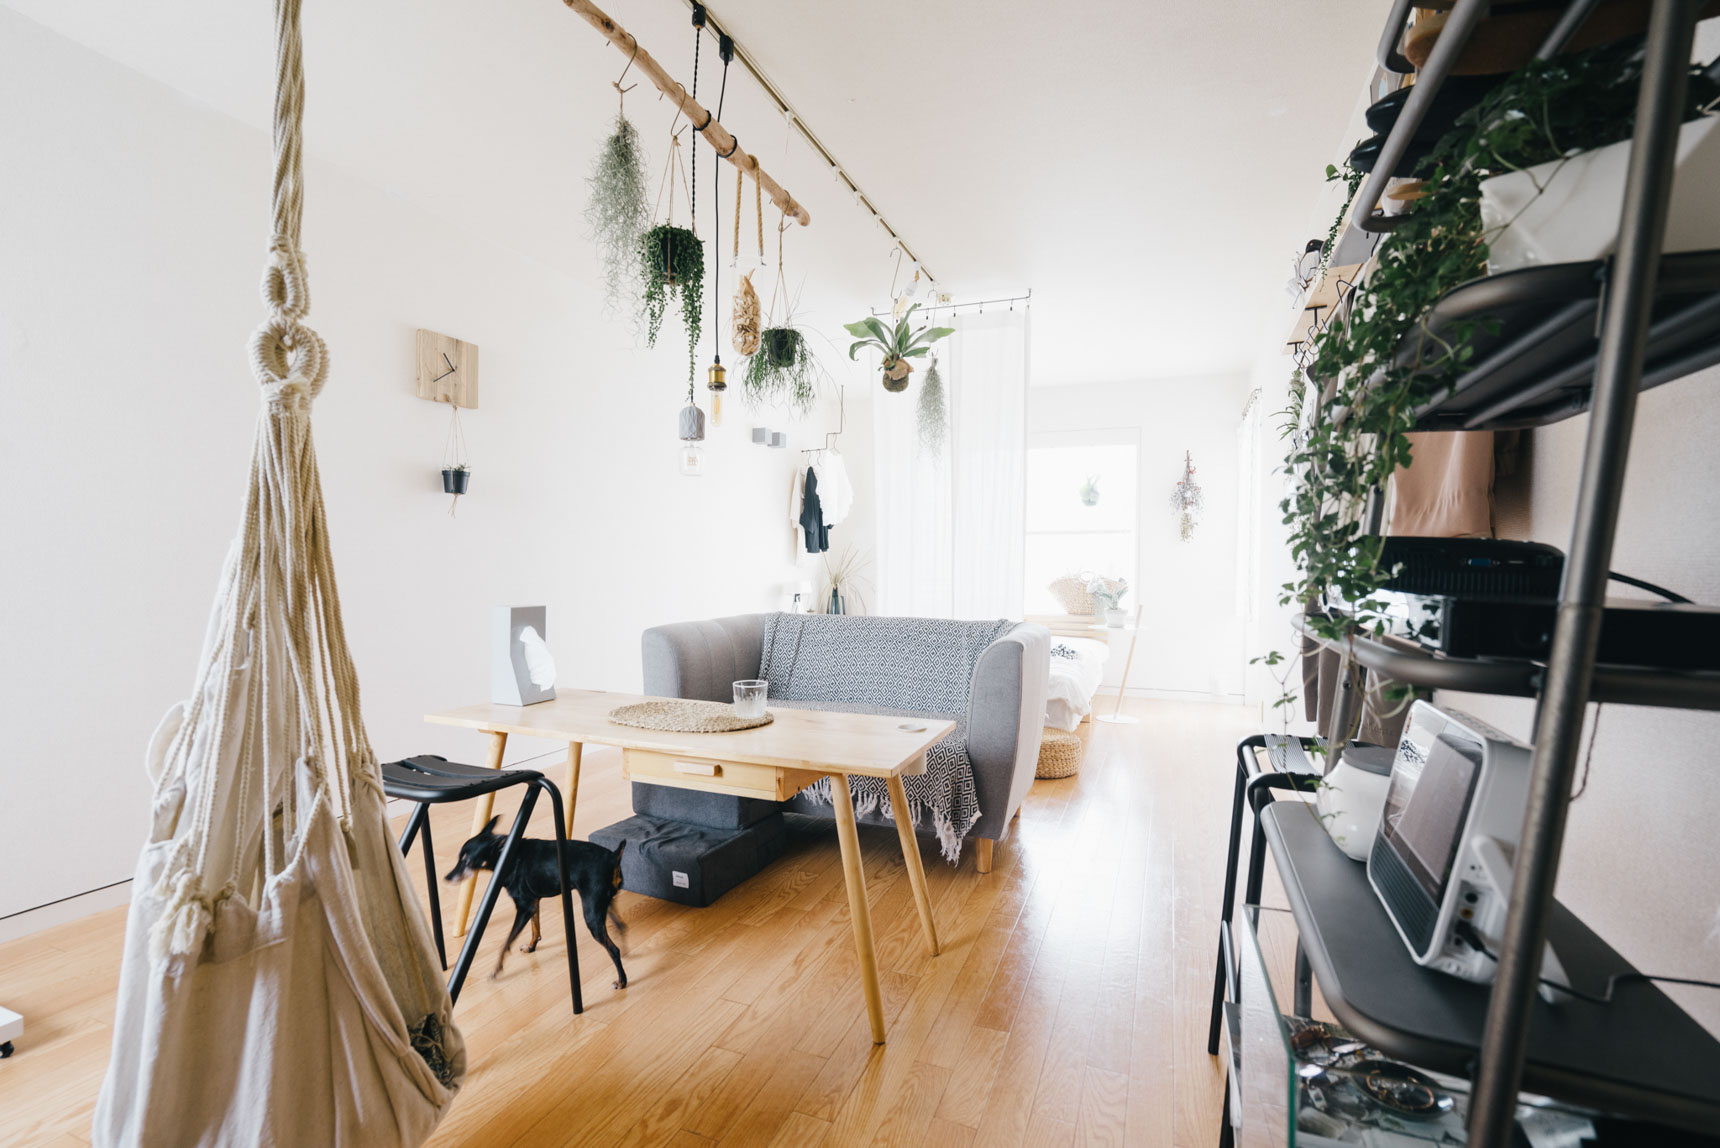 ペットを飼っていらっしゃるので、グリーンはすべて棚の上か、吊るして飾っている方のお部屋。